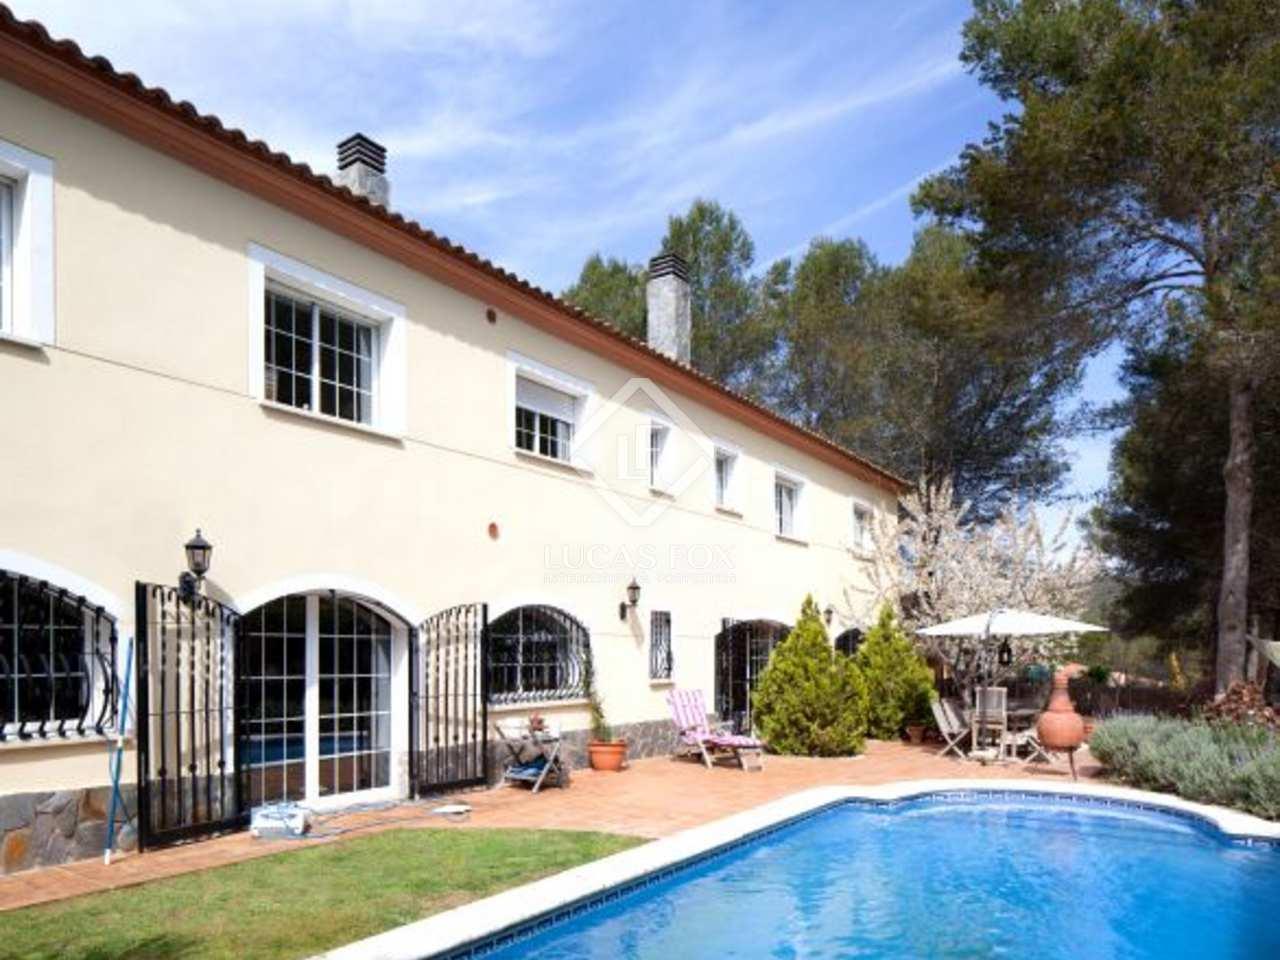 grande maison familiale avec piscine en vente sur les collines de sitges. Black Bedroom Furniture Sets. Home Design Ideas